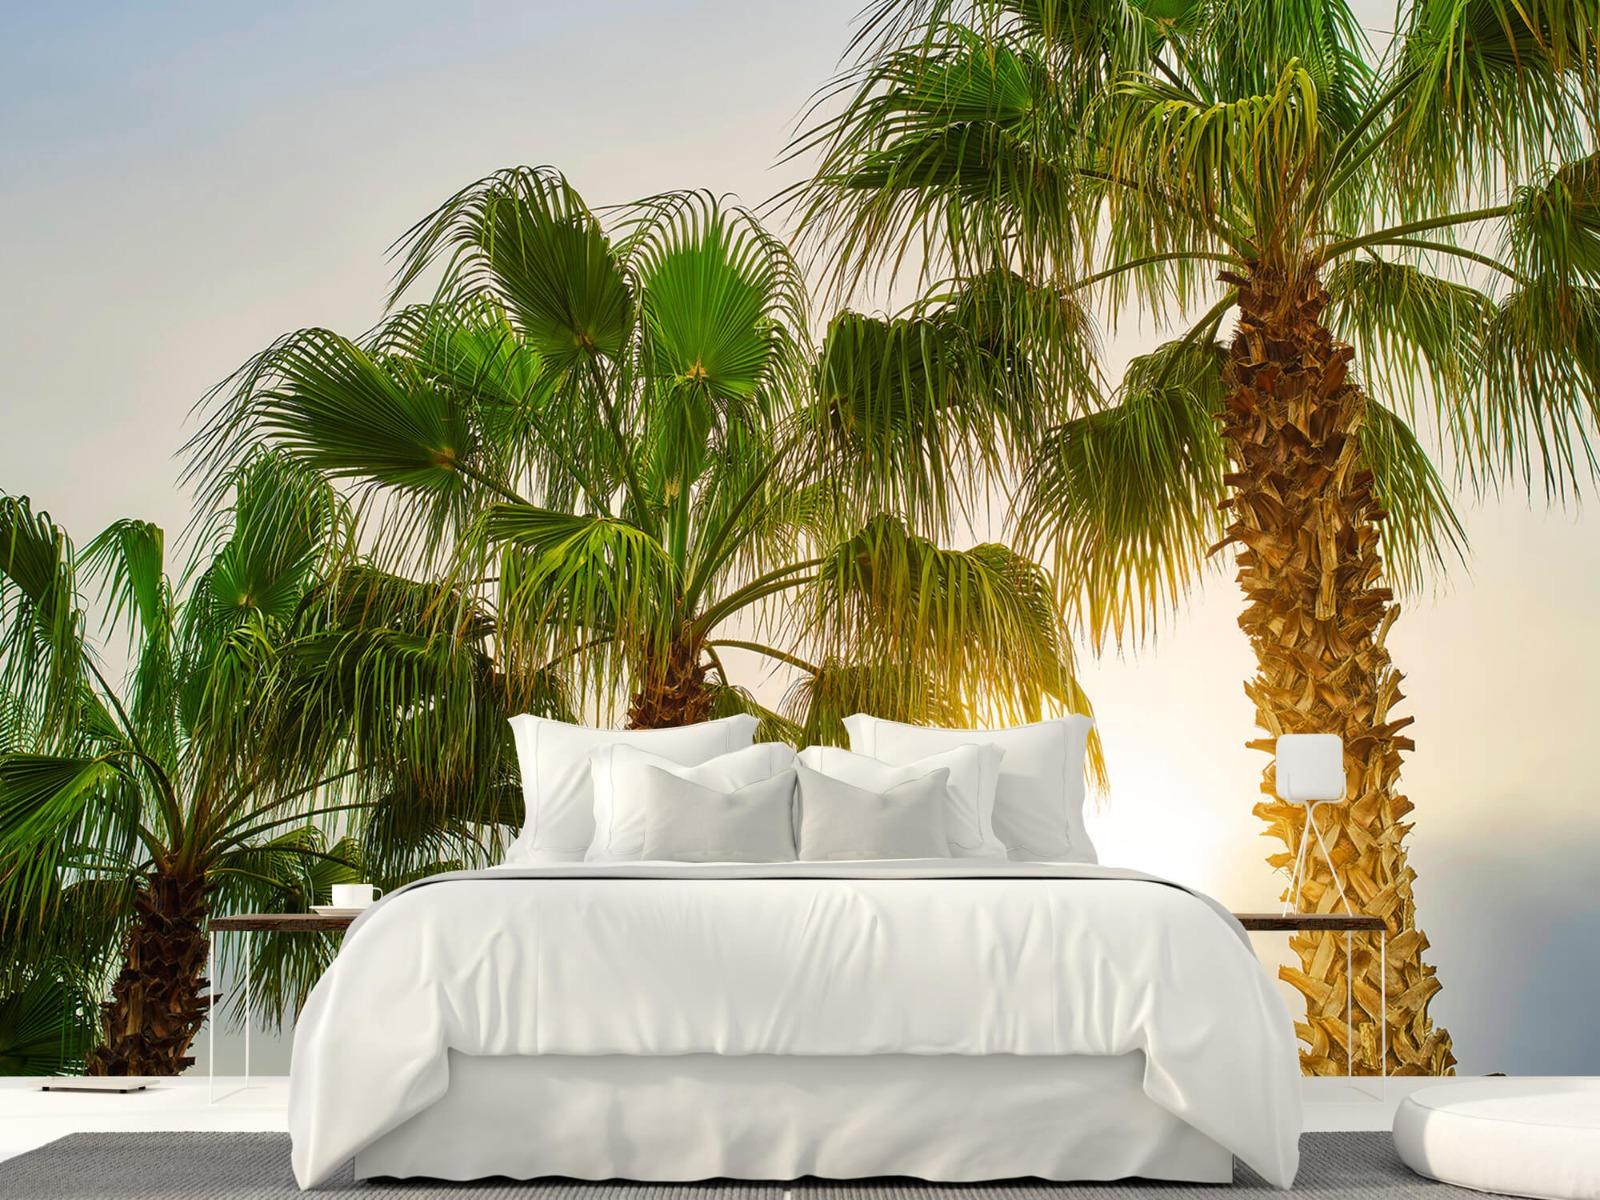 Palmbomen - Palmbomen met zon - Gang 23